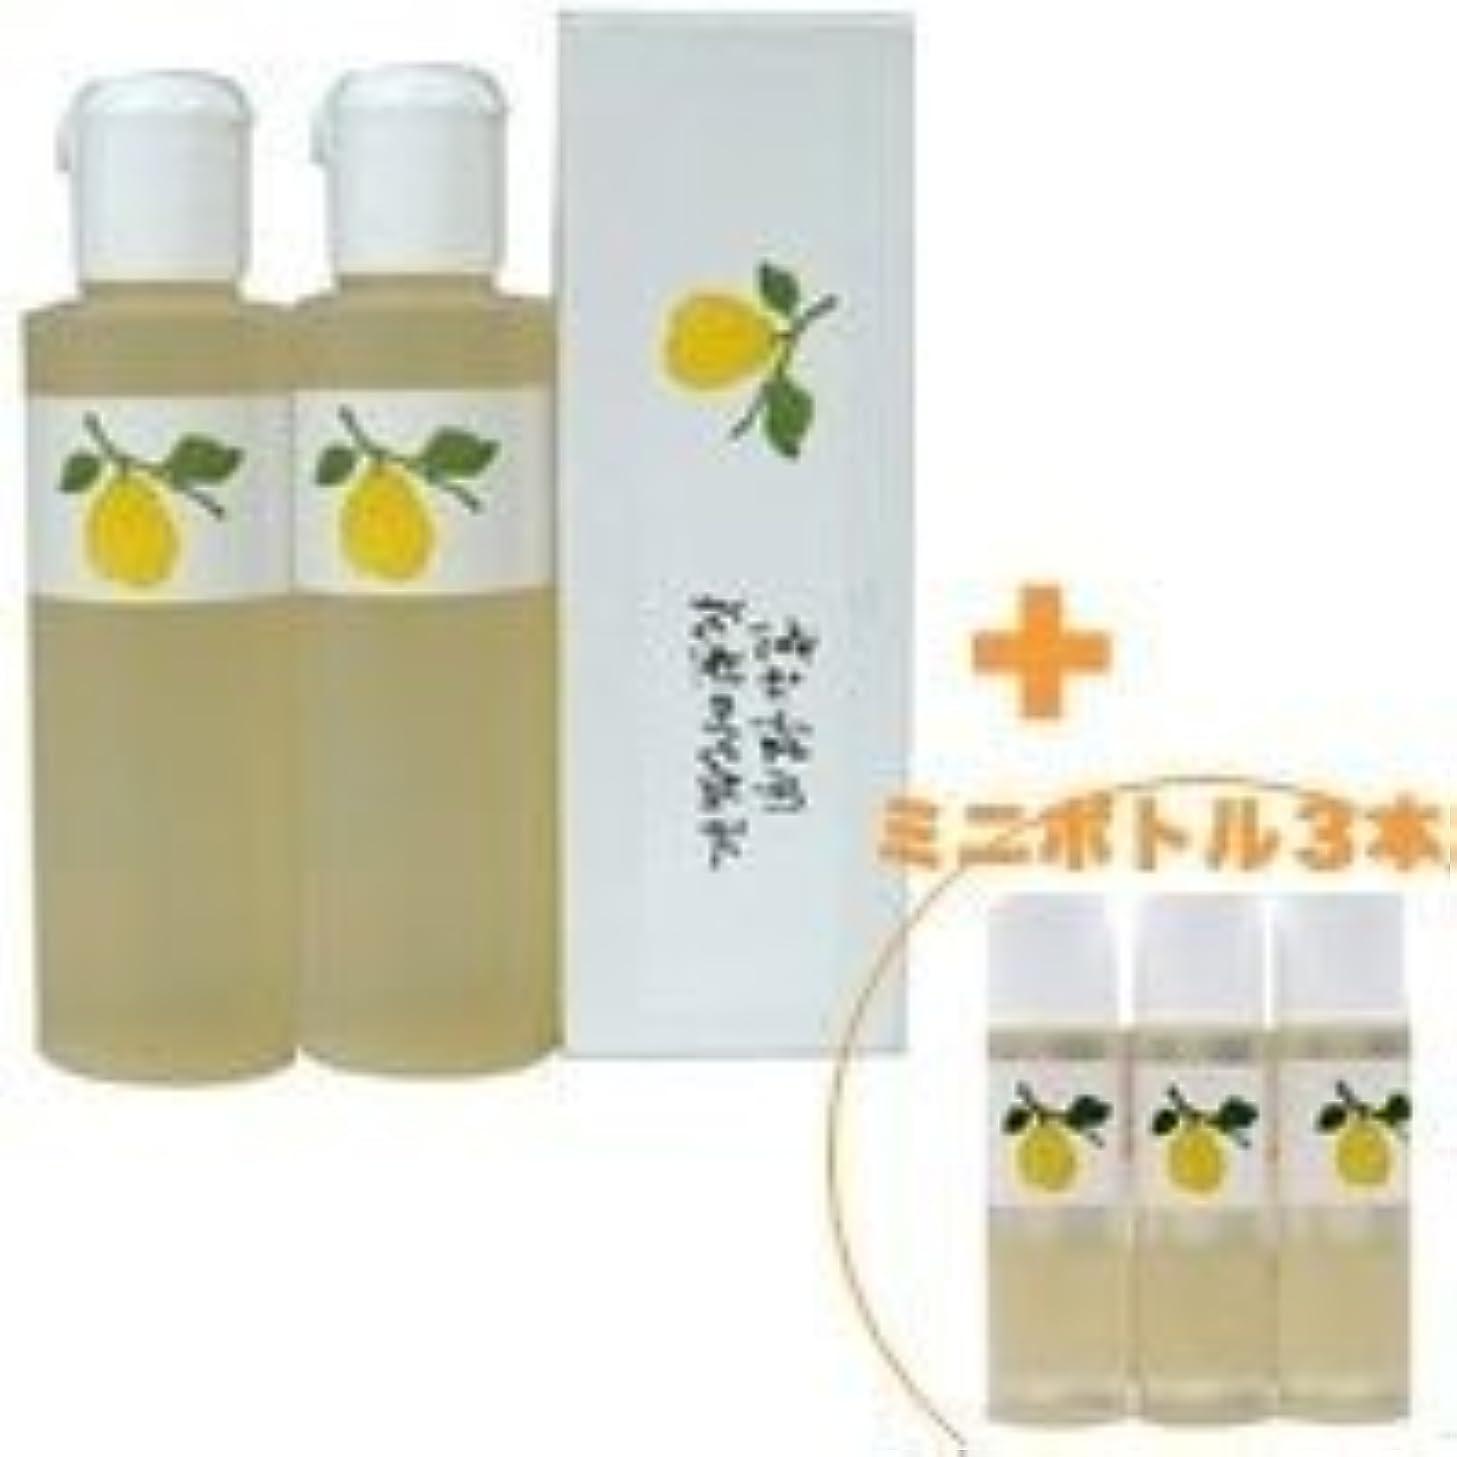 ゴミターゲットハチ花梨の化粧水 200ml 2本&ミニボトル 3本 美容液 栄養クリームのいらないお肌へ 保湿と乾燥対策に